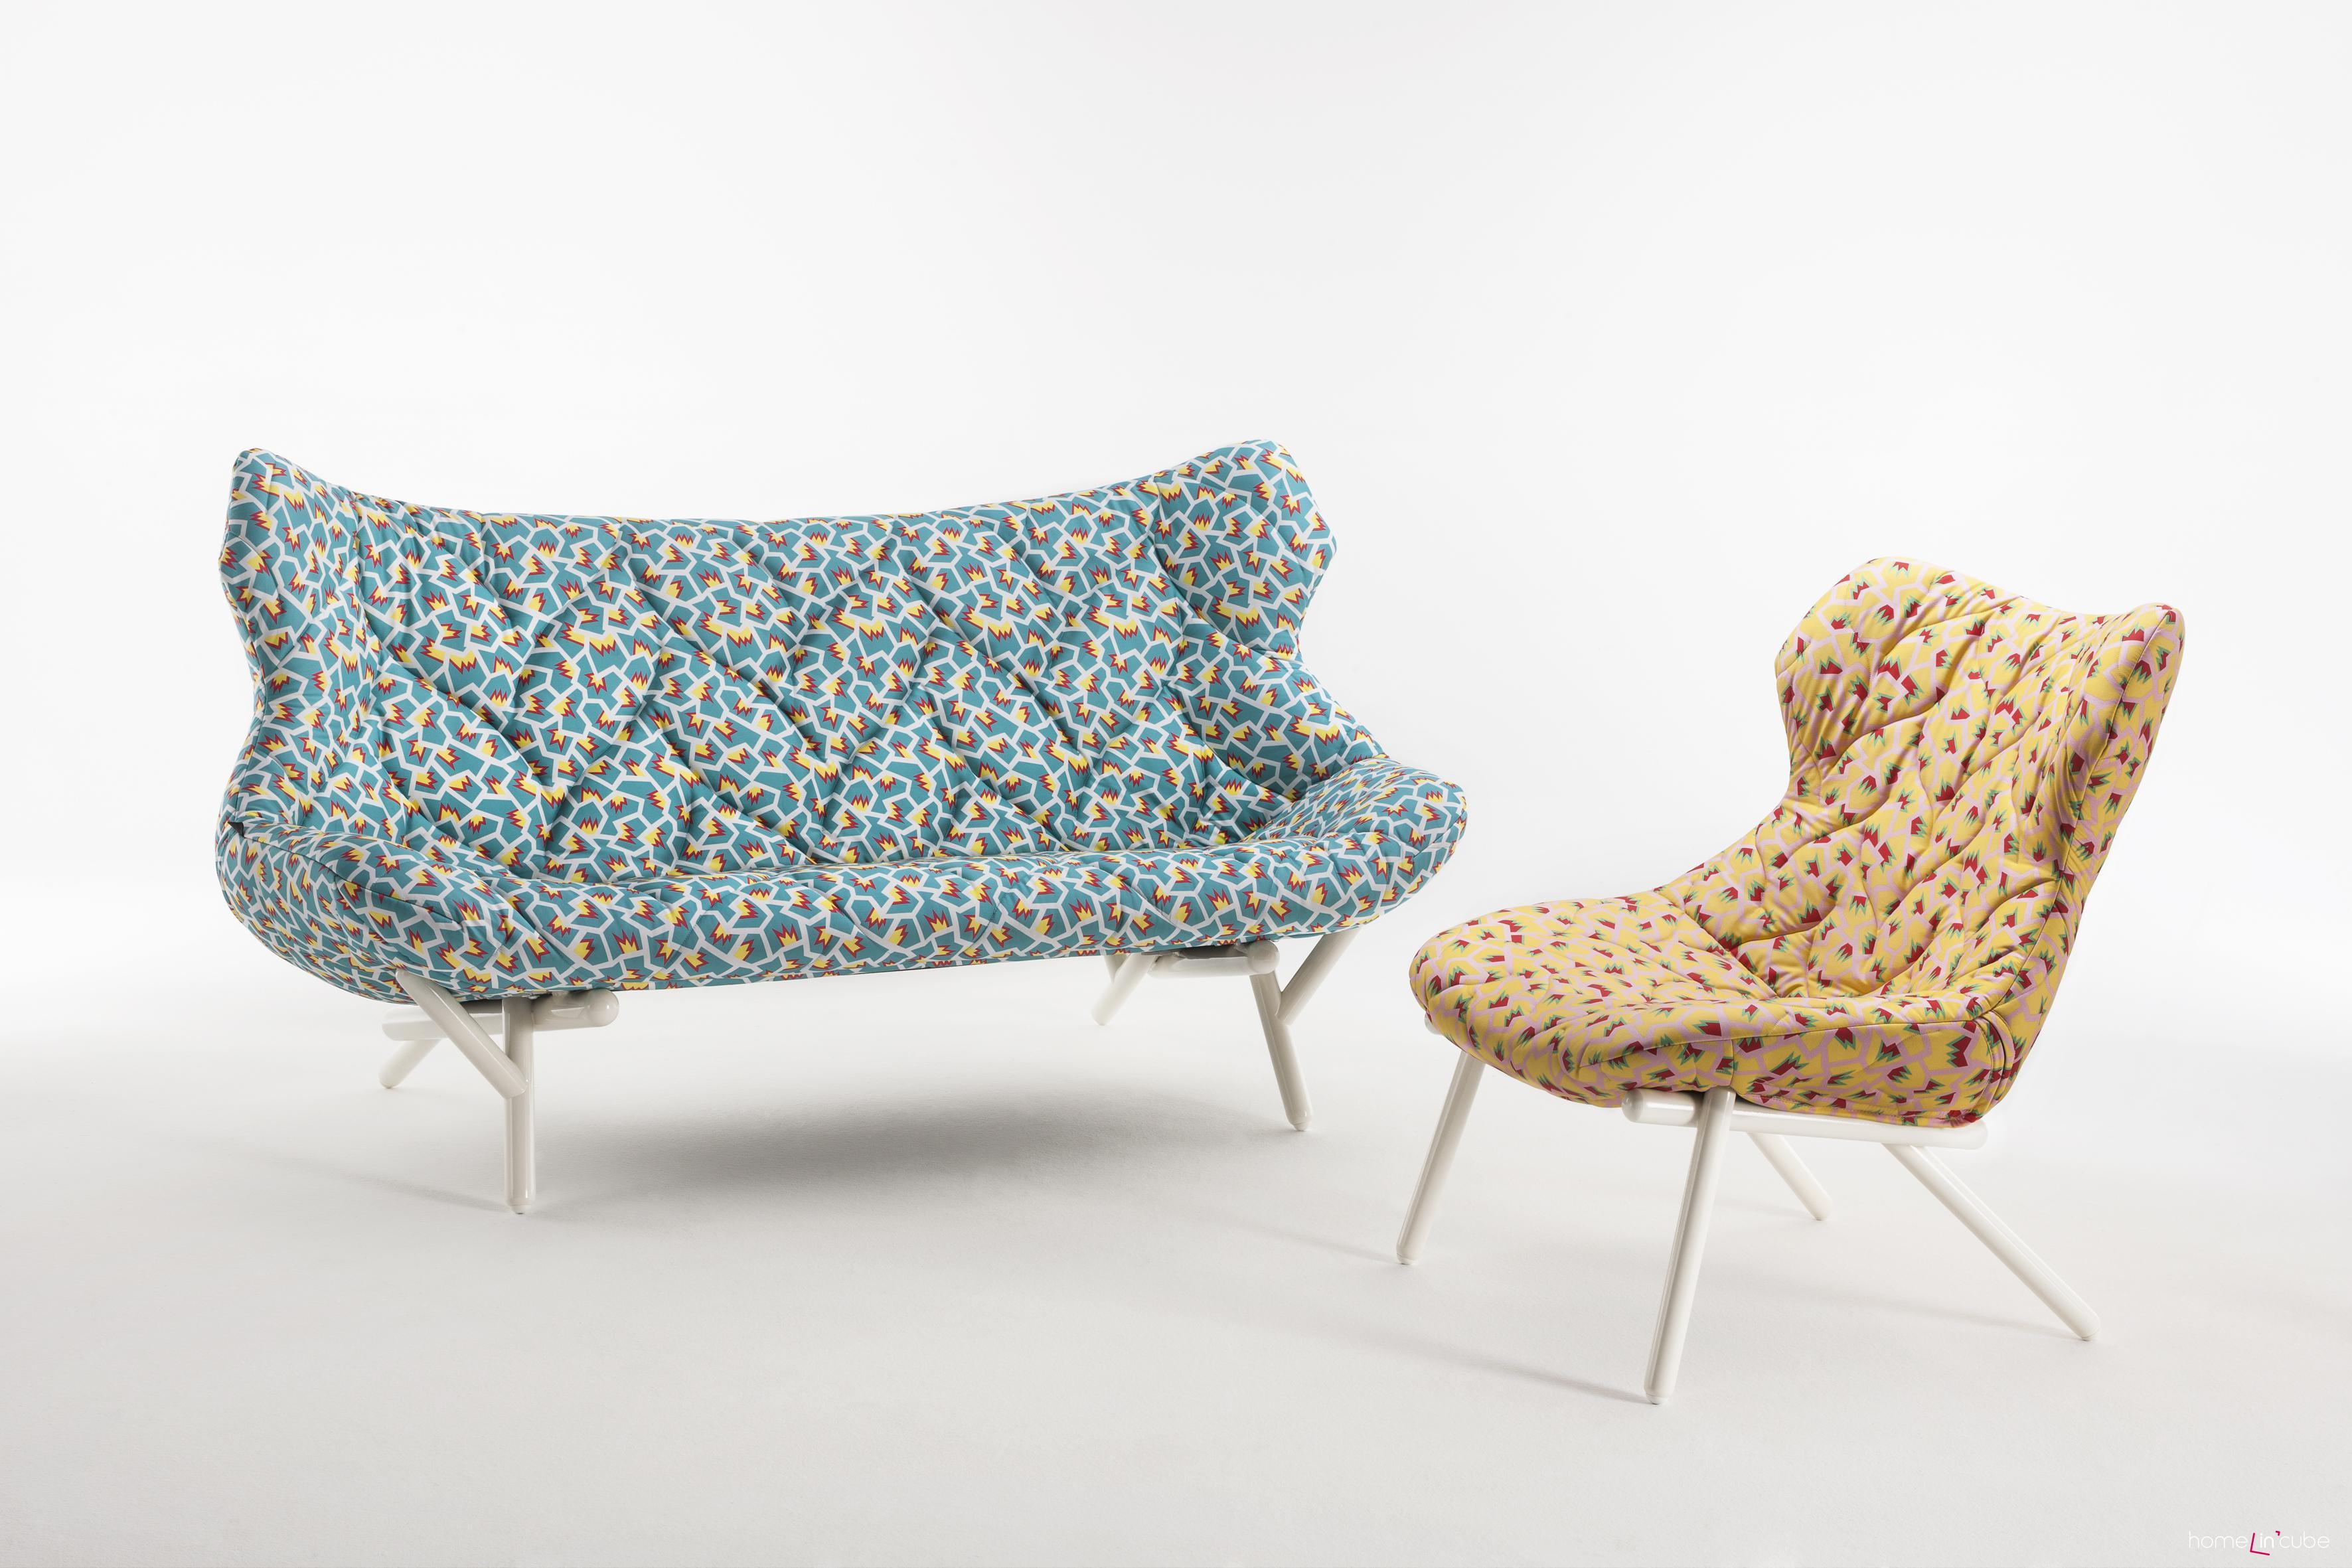 Sofa a křeslo Foliage (design Nathalie du Pasquier), Kartell. Na lehkém podstavci z šikmých tyčových prvků jsou uloženy vytvarované čalouněné díly.